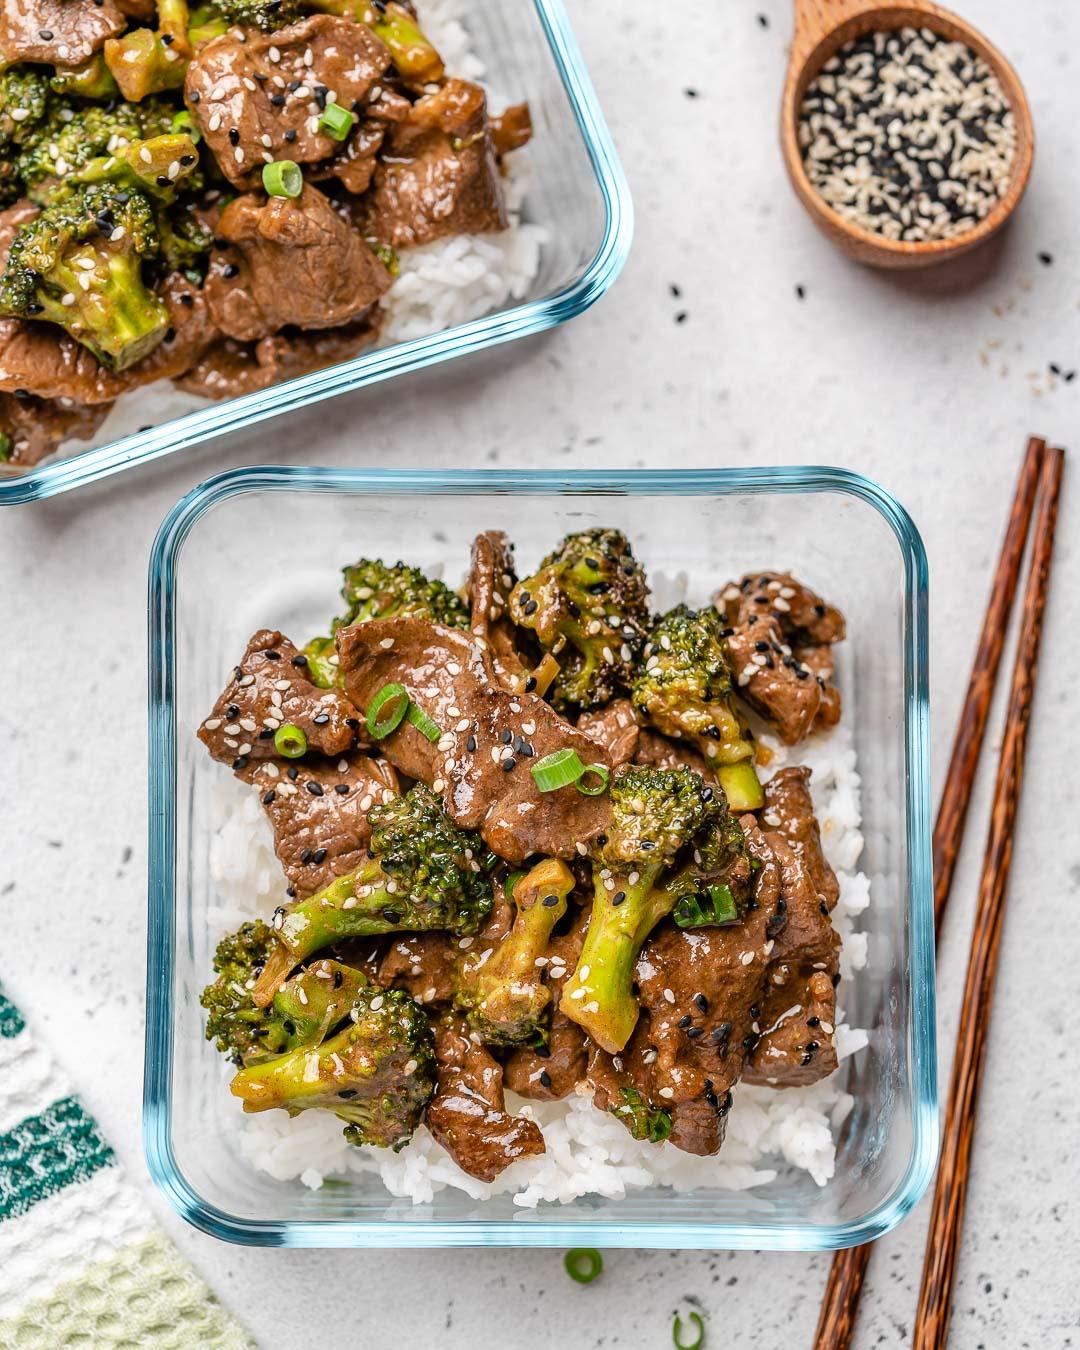 Tigaie De Vita Cu Broccoli (Reteta Paleo / Whole30) 8